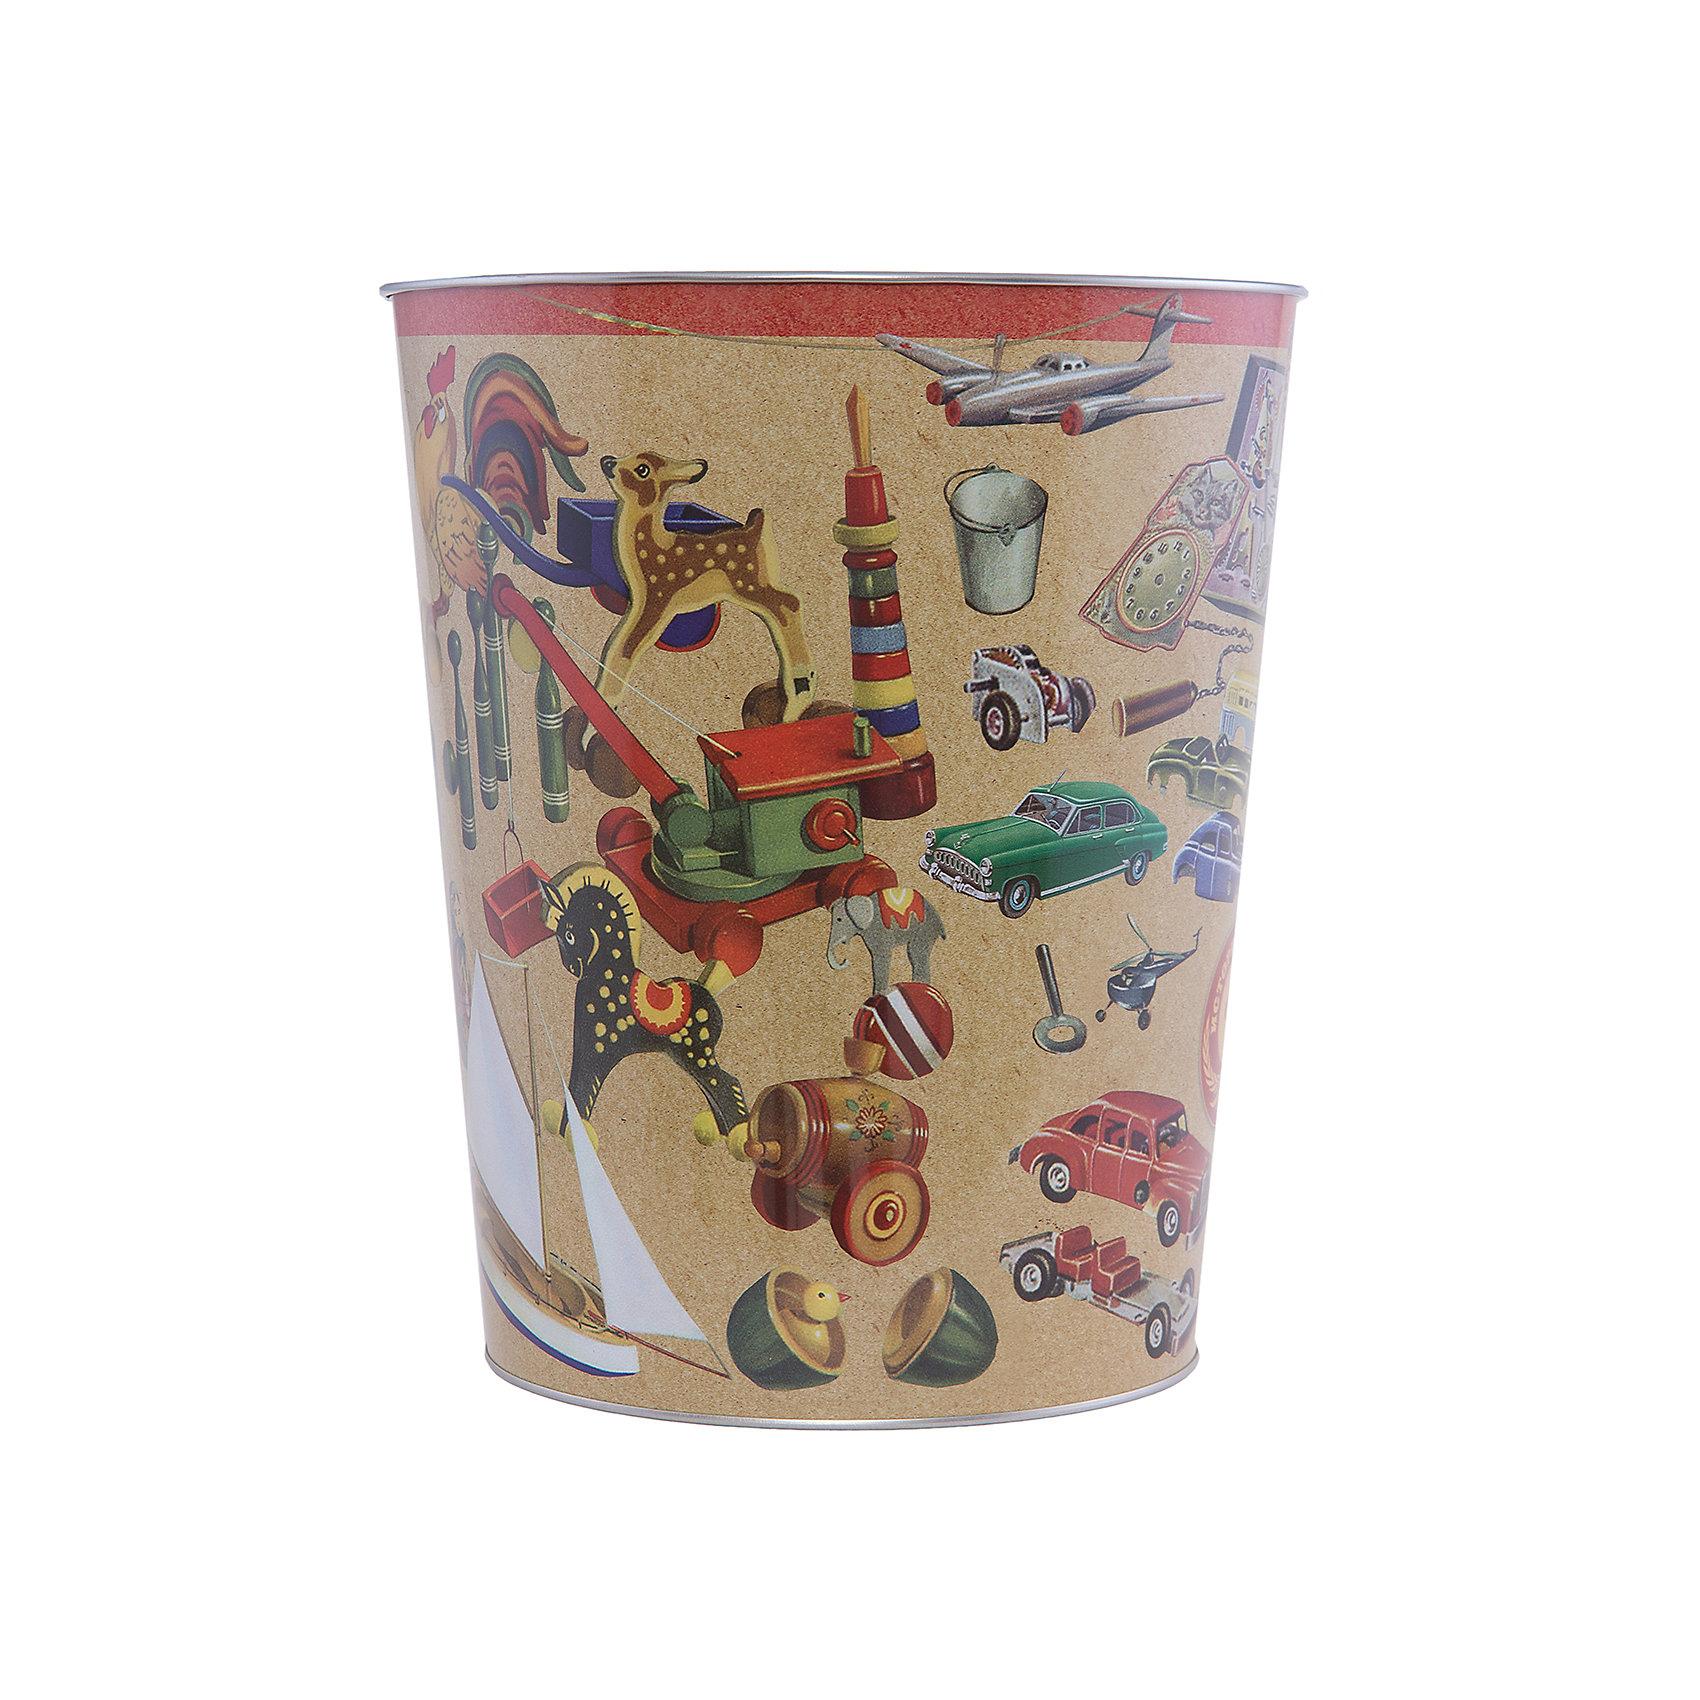 Ведро мусорное ИгрушкиПорядок в детской<br>Игрушки - ведро для мусора, сделанное из металла и украшенное рисунком с советскими игрушками. Простое и практичное ведро удобно использовать как дома, так и на рабочем месте.<br><br>Дополнительная информация:<br>Материал: металл<br>Диаметр: 22,5 см<br>Высота: 26,5 см<br>Вес: 370 грамм<br>Мусорное ведро Игрушки можно приобрести в нашем интернет-магазине.<br><br>Ширина мм: 690<br>Глубина мм: 250<br>Высота мм: 240<br>Вес г: 414<br>Возраст от месяцев: 84<br>Возраст до месяцев: 216<br>Пол: Унисекс<br>Возраст: Детский<br>SKU: 4957979